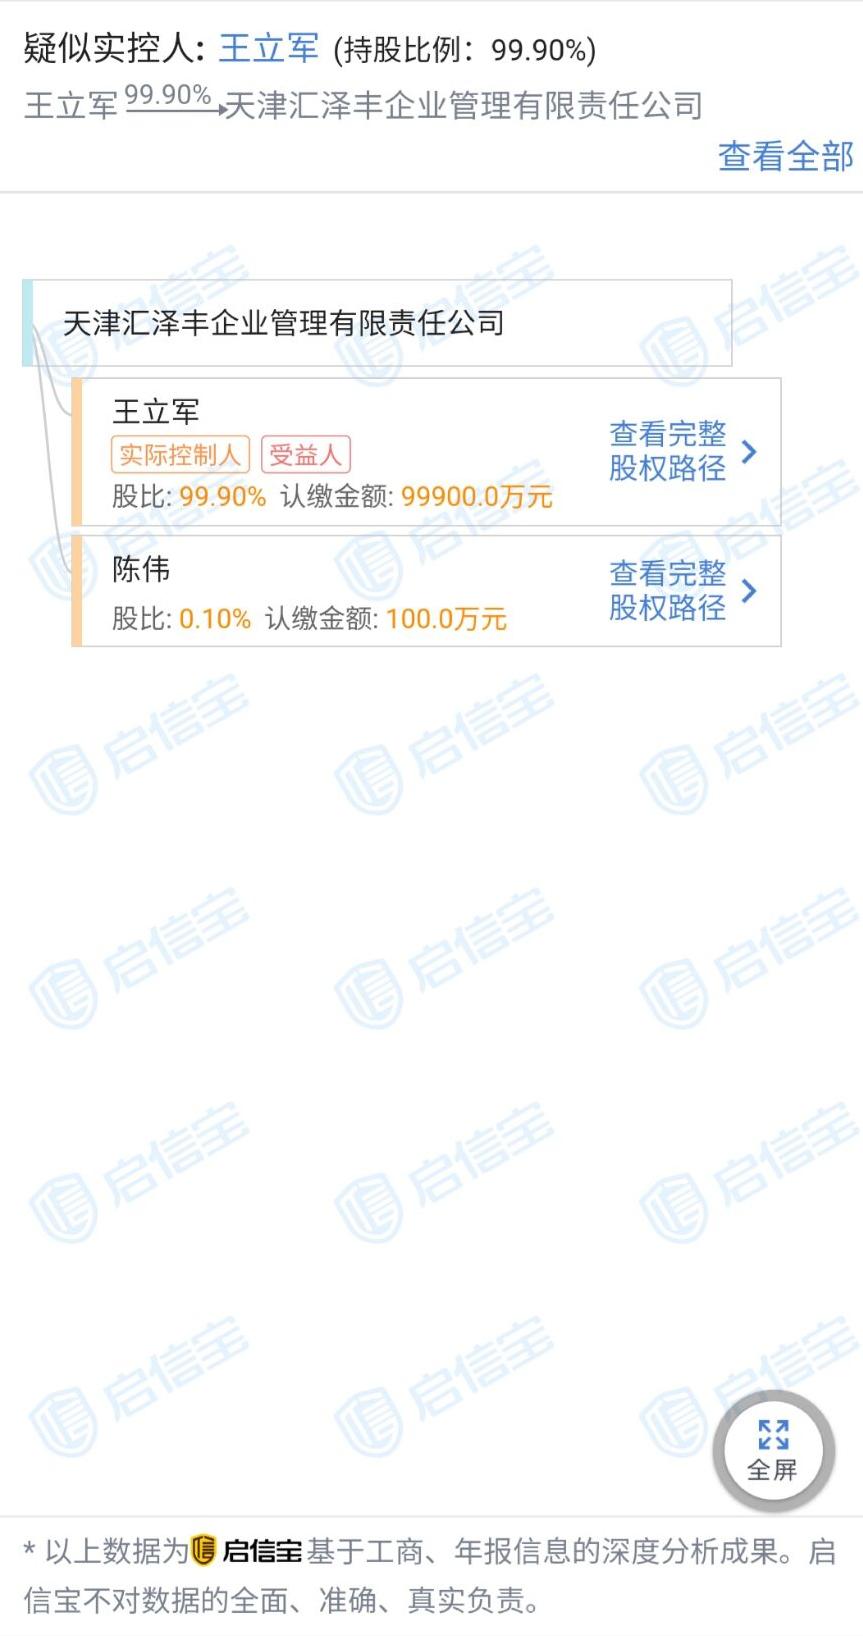 涉嫌刑事犯罪 揭秘浔兴股份实控人10亿撬动100亿之谜